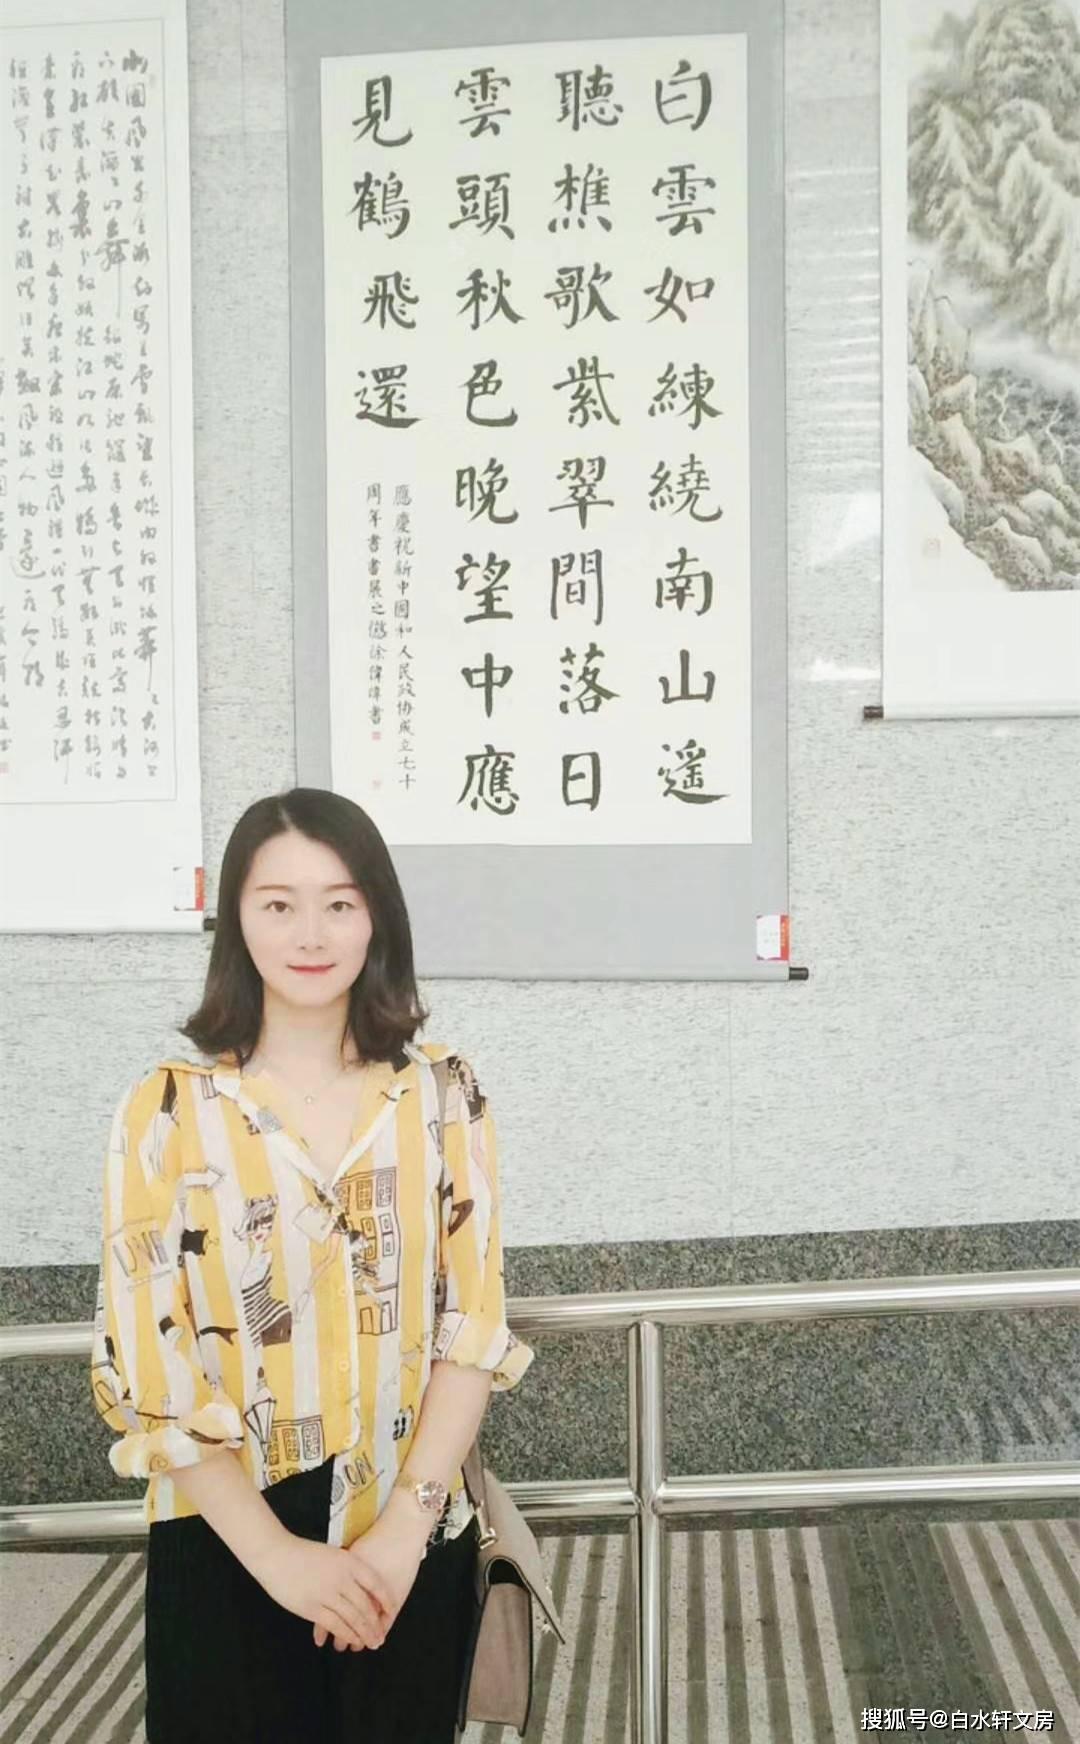 徐伟伟:有书为伴 l 阅读 l安徽作家